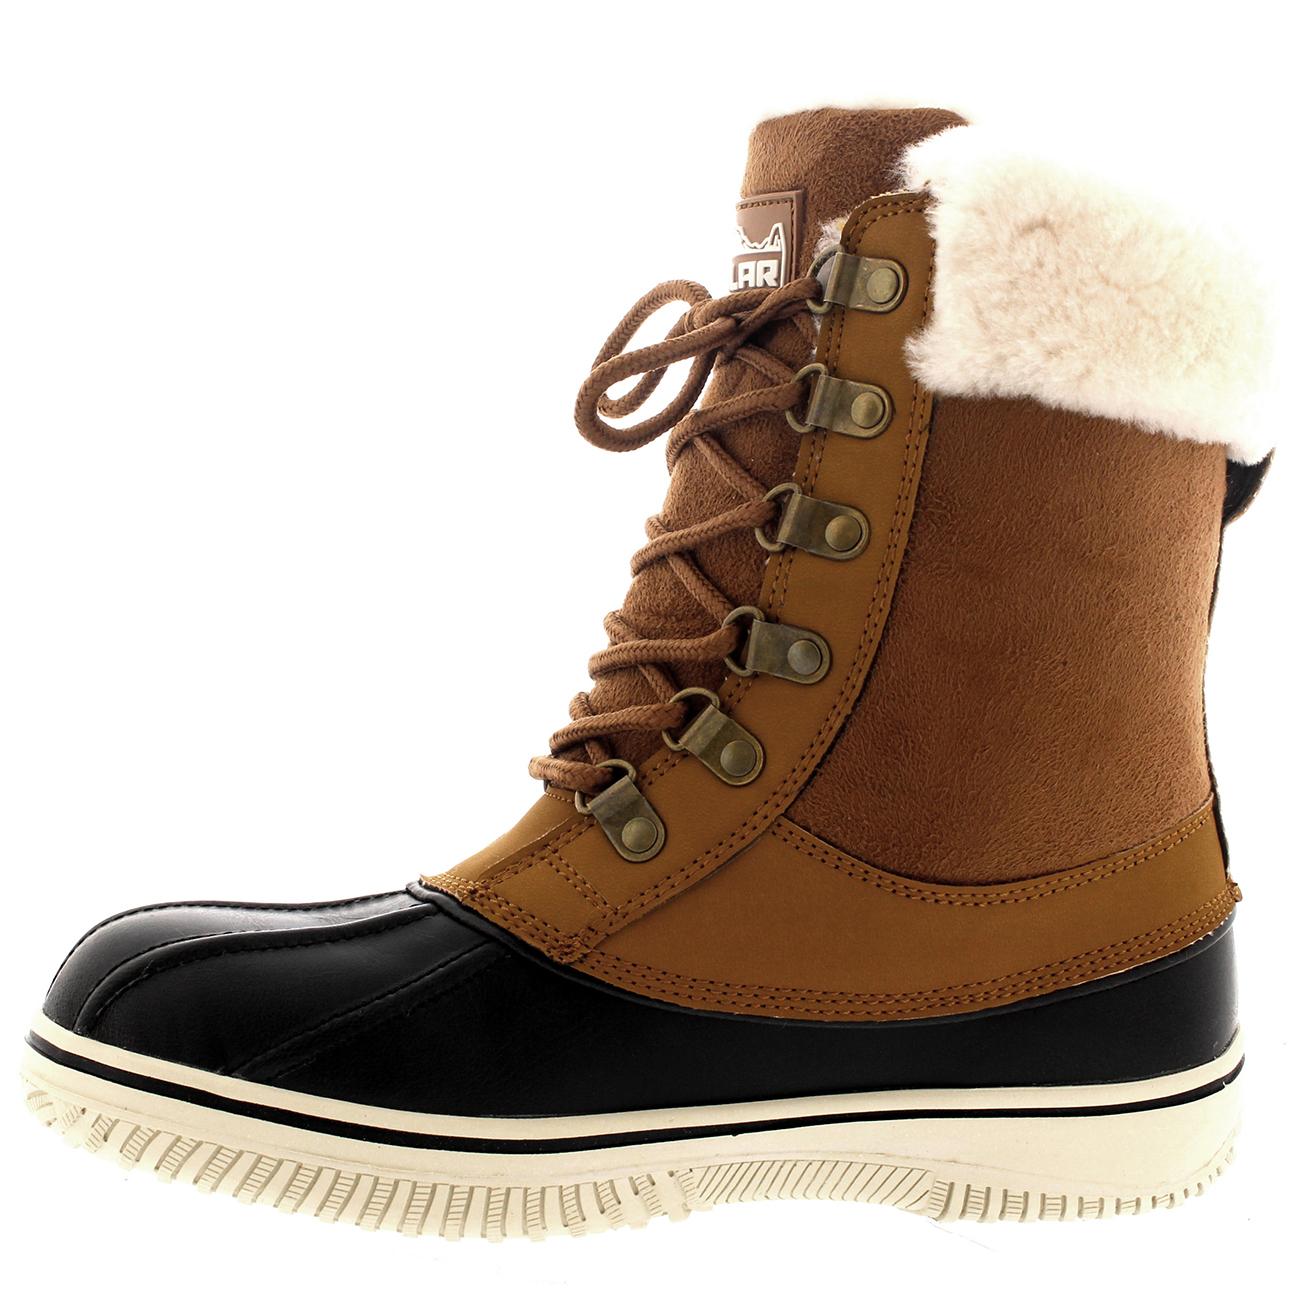 5a34deedb88 Details about Womens Polar Real Australian Sheepskin Cuff Winter Snow Mid  Calf Boots UK 3-10